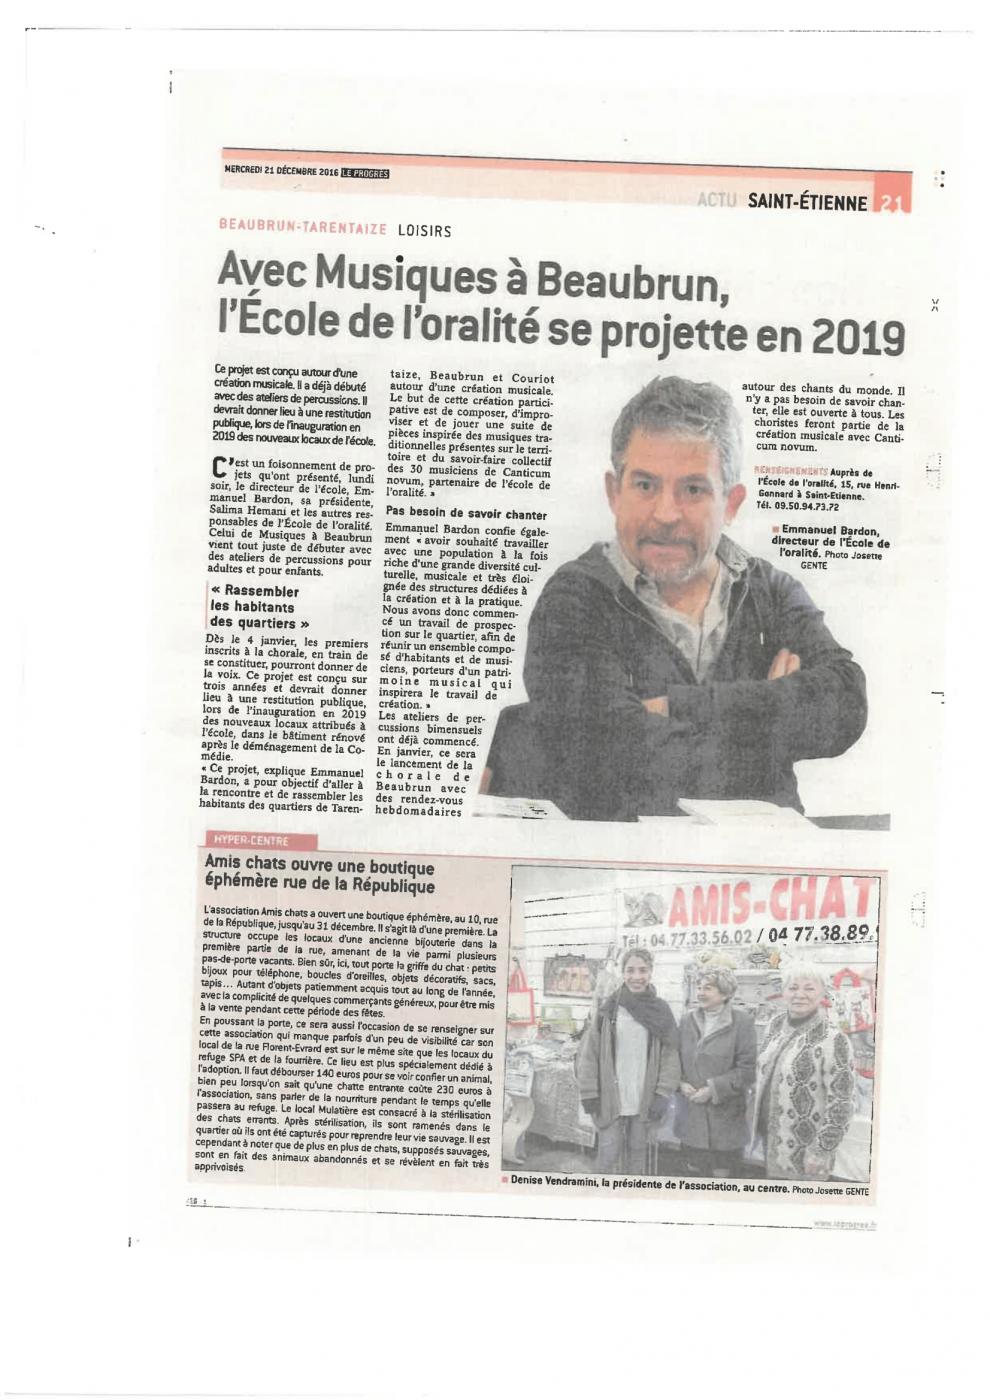 article : Avec Musiques à Beaubrun, l'école de l'oralité se projette en 2019